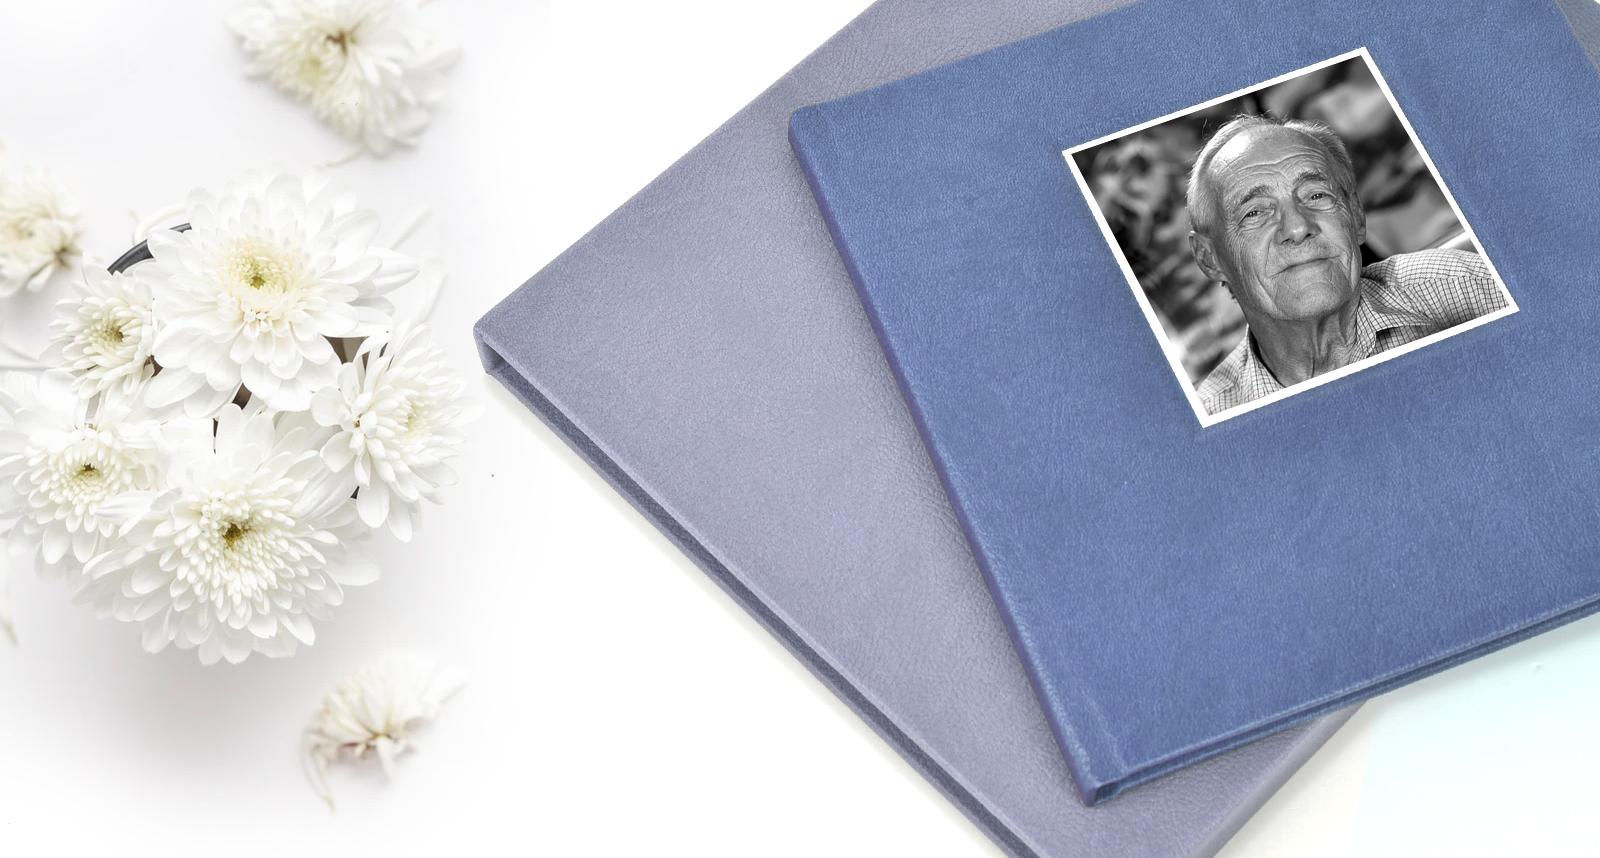 3.Debossed Photobook_Tribute